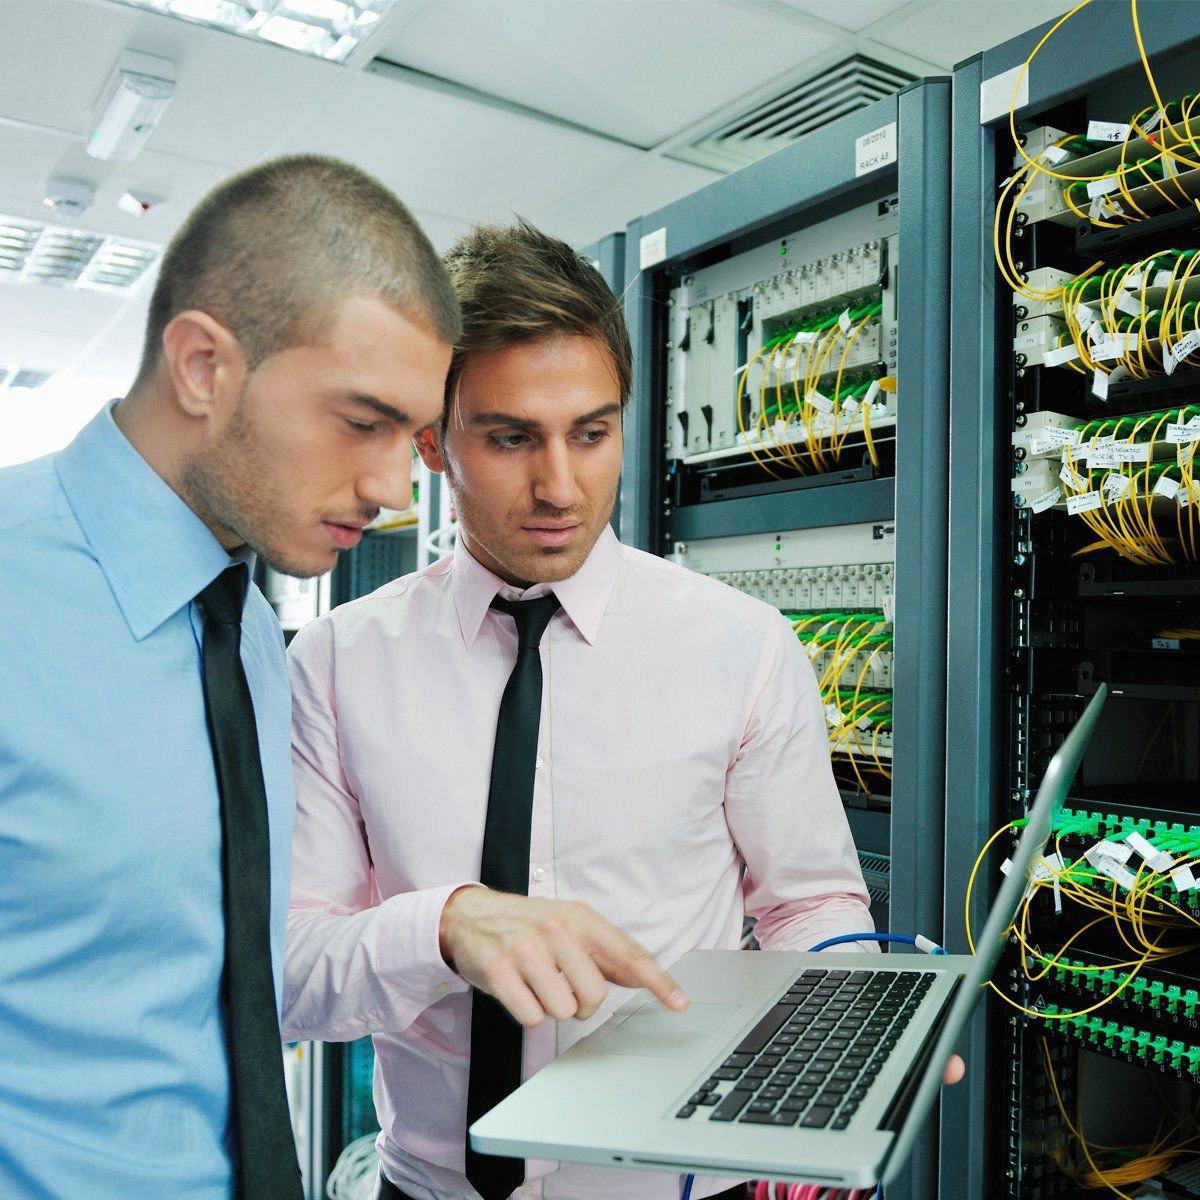 Gestão e Administração de Redes de Computadores  - PUC Minas